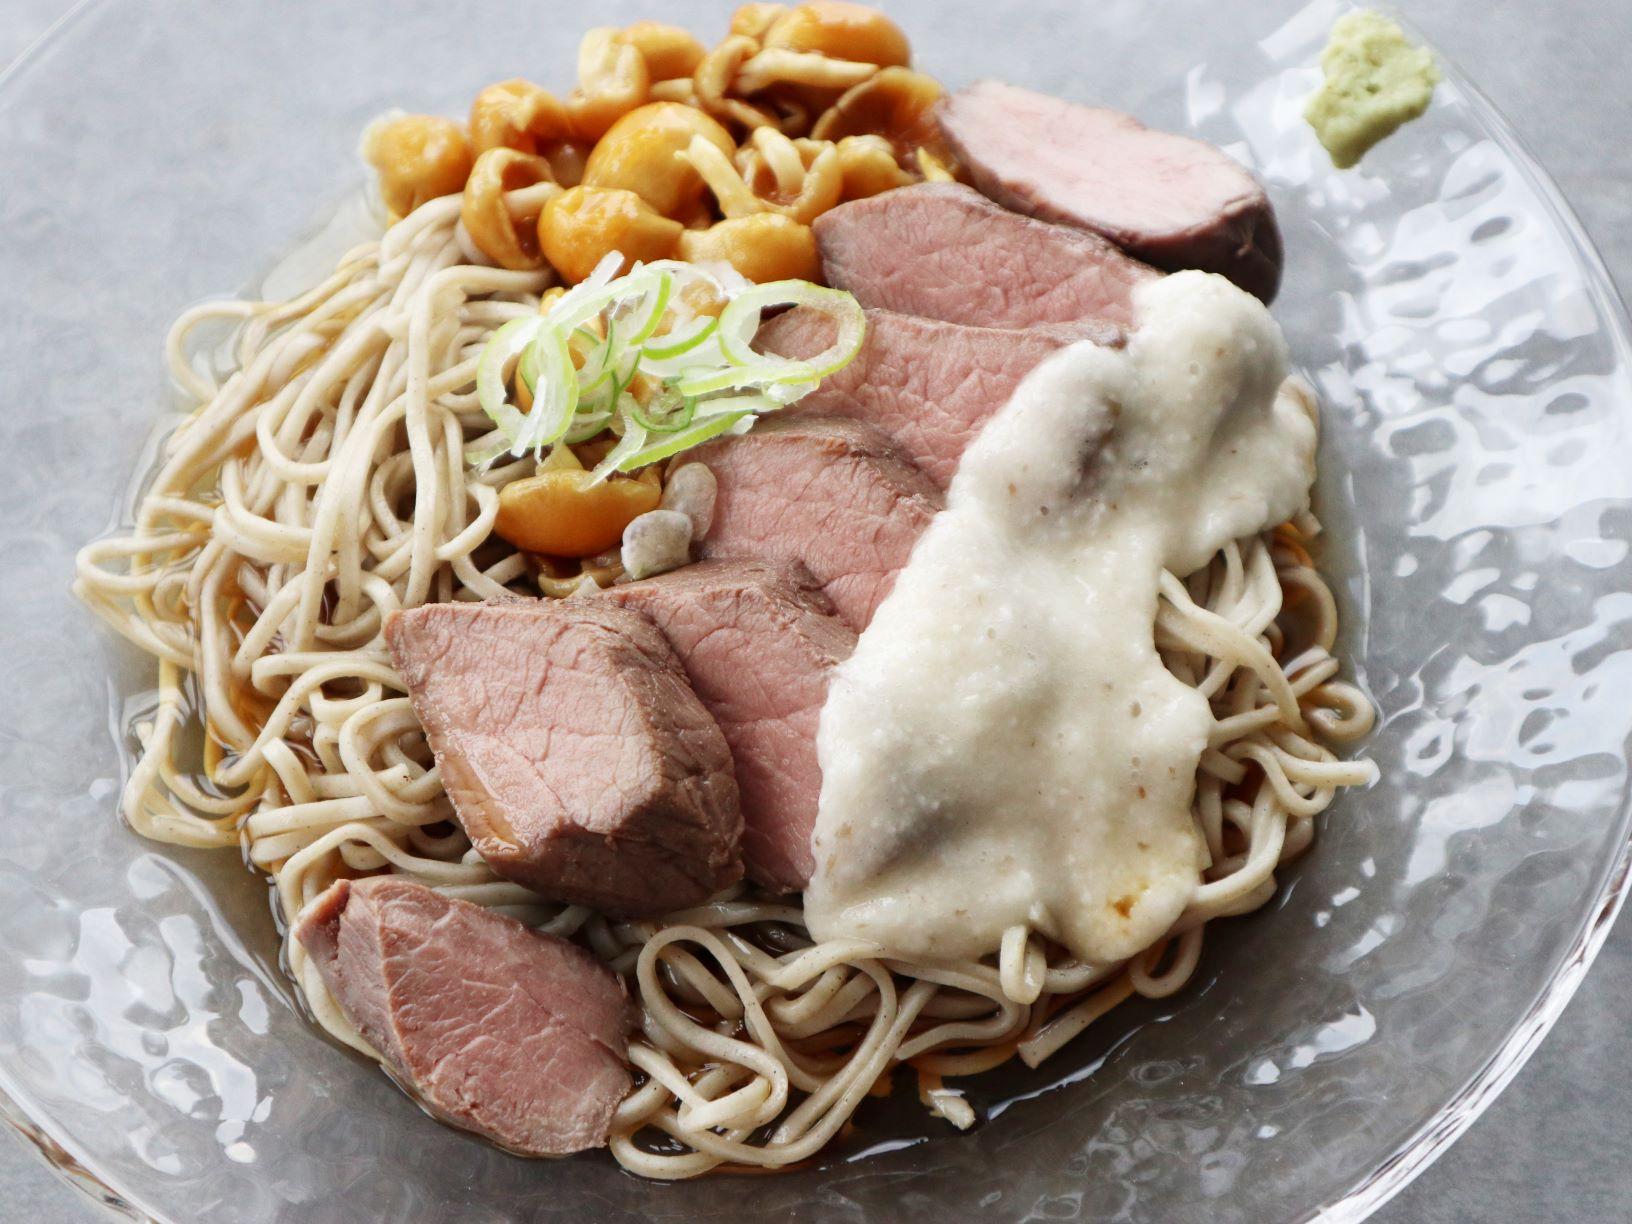 【レシピ】ステーキでのっけネバネバそば♪